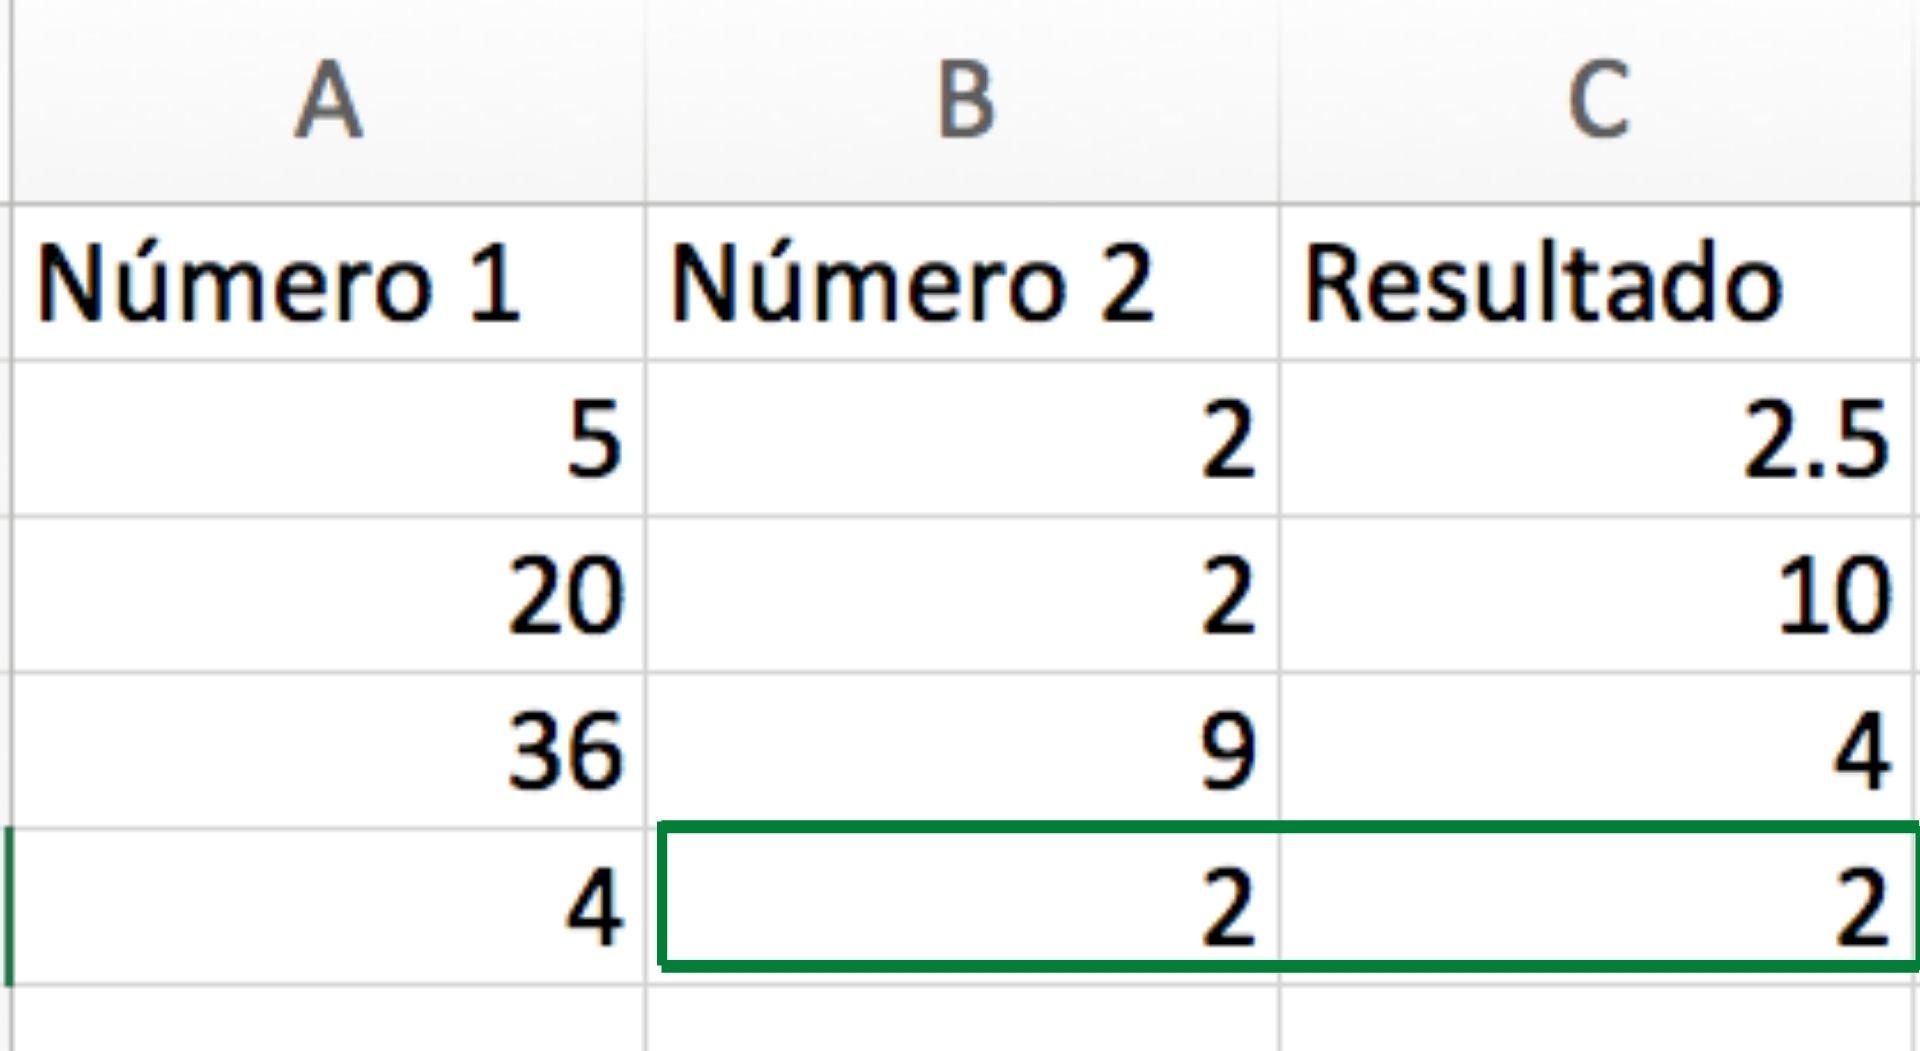 Tipos de errores en Excel: cómo resolver #¡DIV/0!